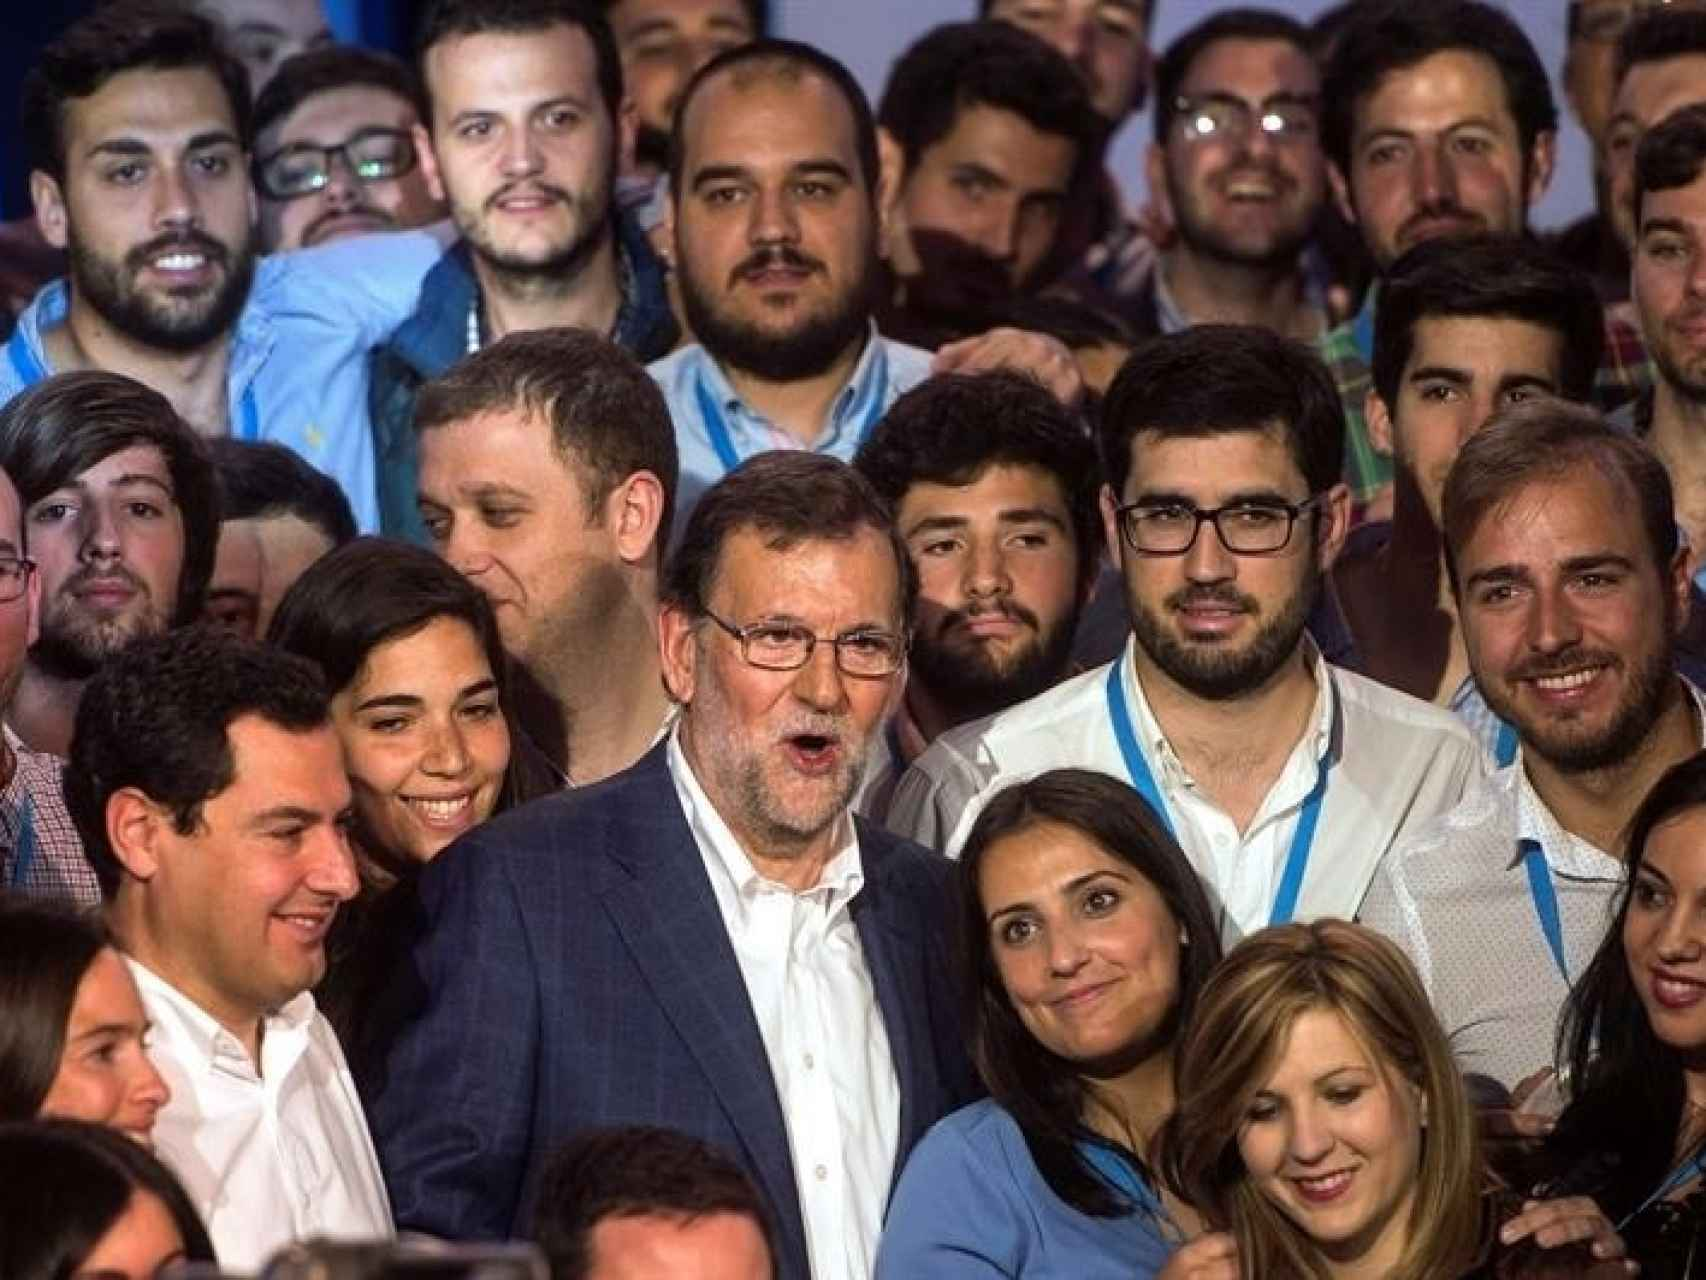 Mariano Rajoy, en la convención de Nuevas Generaciones/Rafa Alcaide/EFE